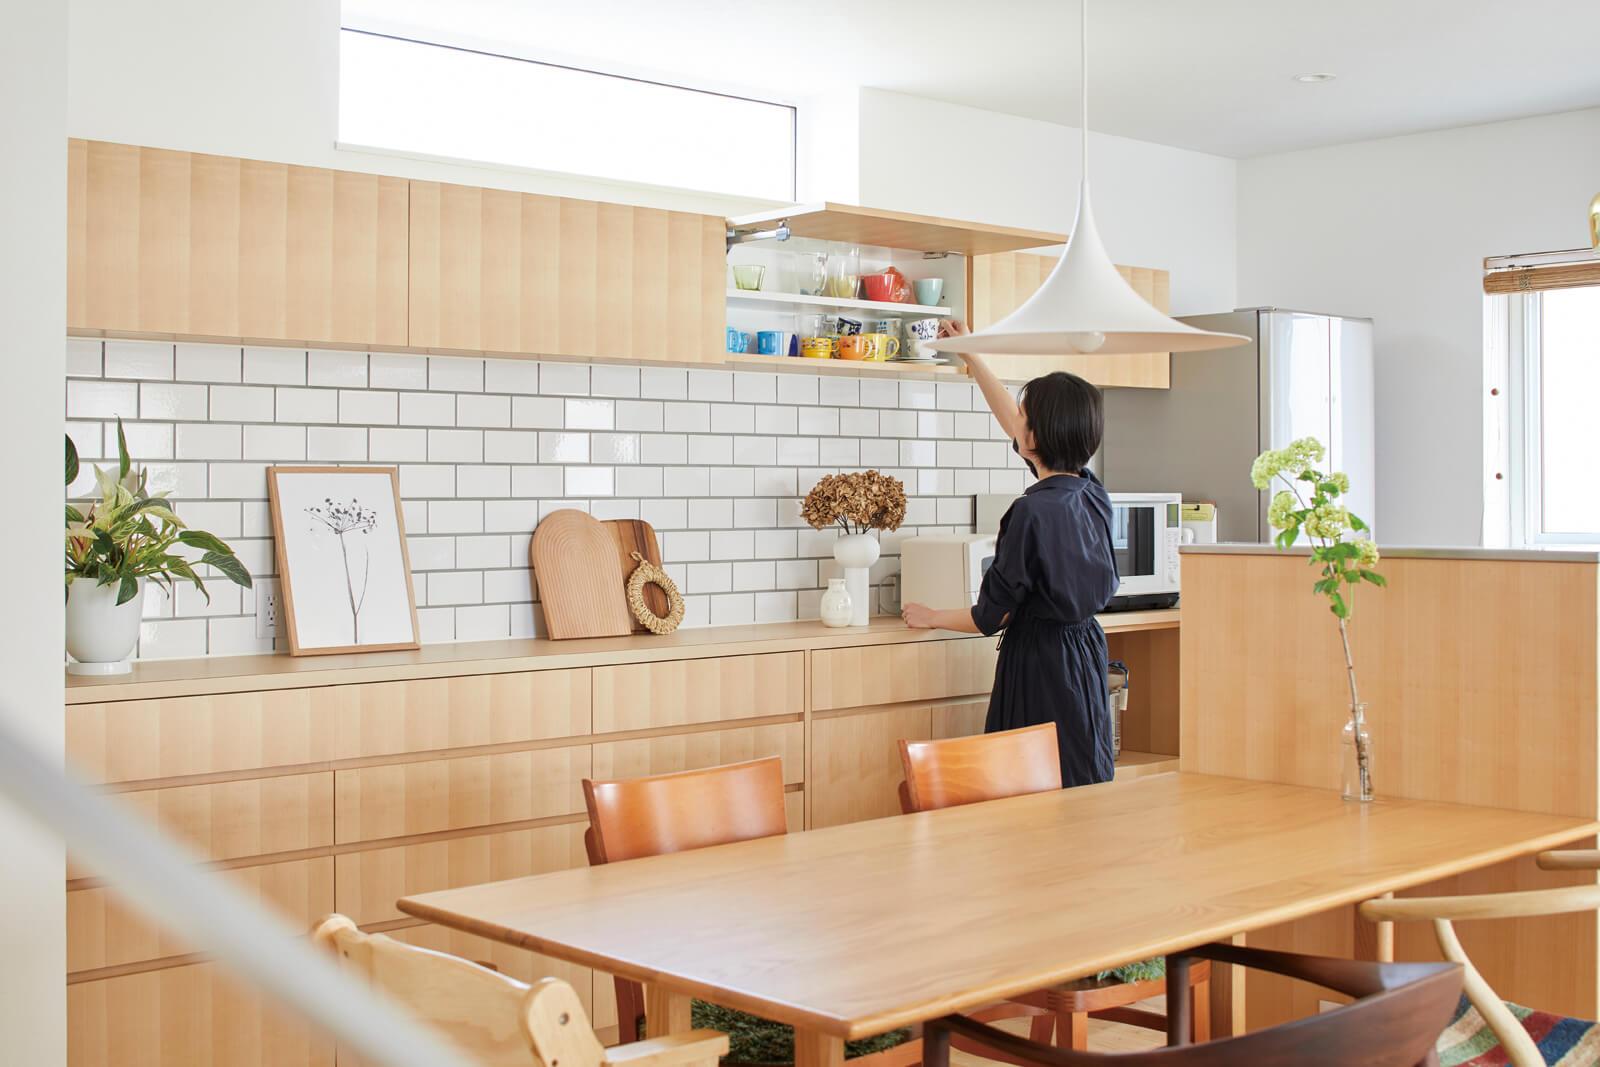 3600㎜の大容量キッチン収納はこだわりのひとつ。キッチン用品だけでなく書類や文具も収納してスッキリと。キッチン本体を囲うように設置した腰壁は座った目線からでも隠れるように高めに調整した